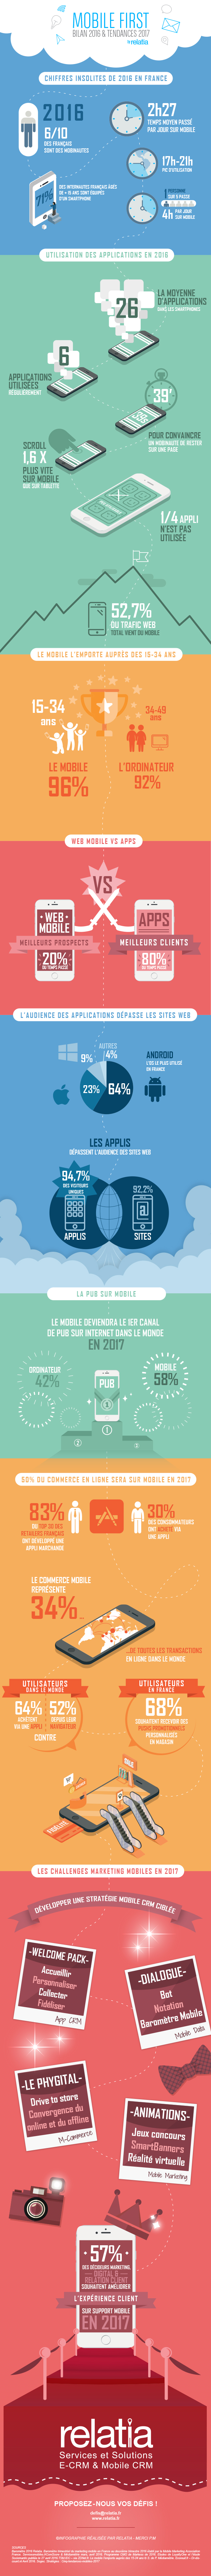 Infographie mobile first 2016 2017 france - Infographie : chiffres-clés du mobile en France en 2016, prévisions 2017